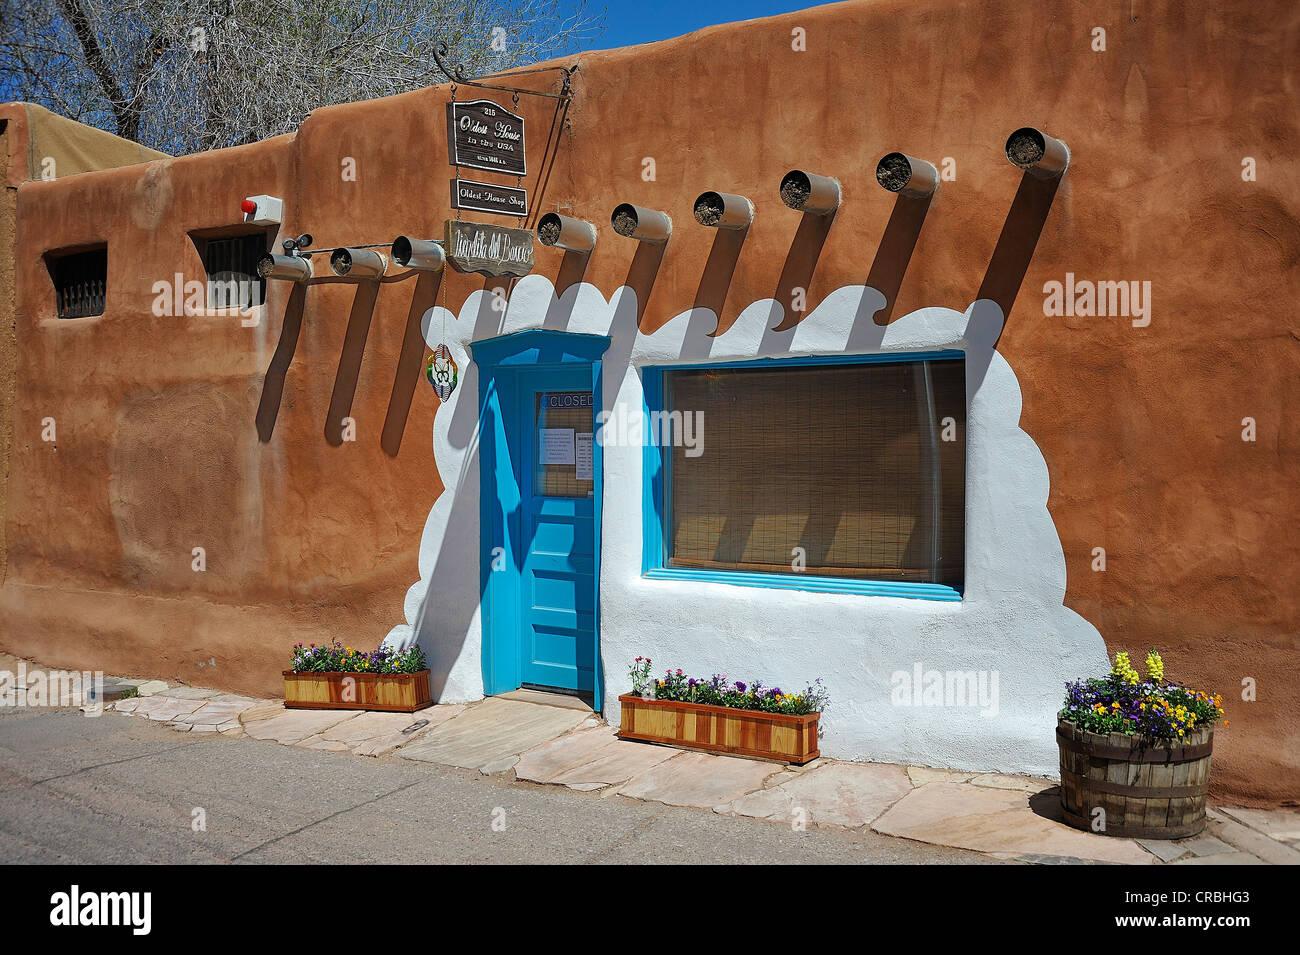 Adobe Architettura, Santa Fe, New Mexico, NEGLI STATI UNITI Immagini Stock